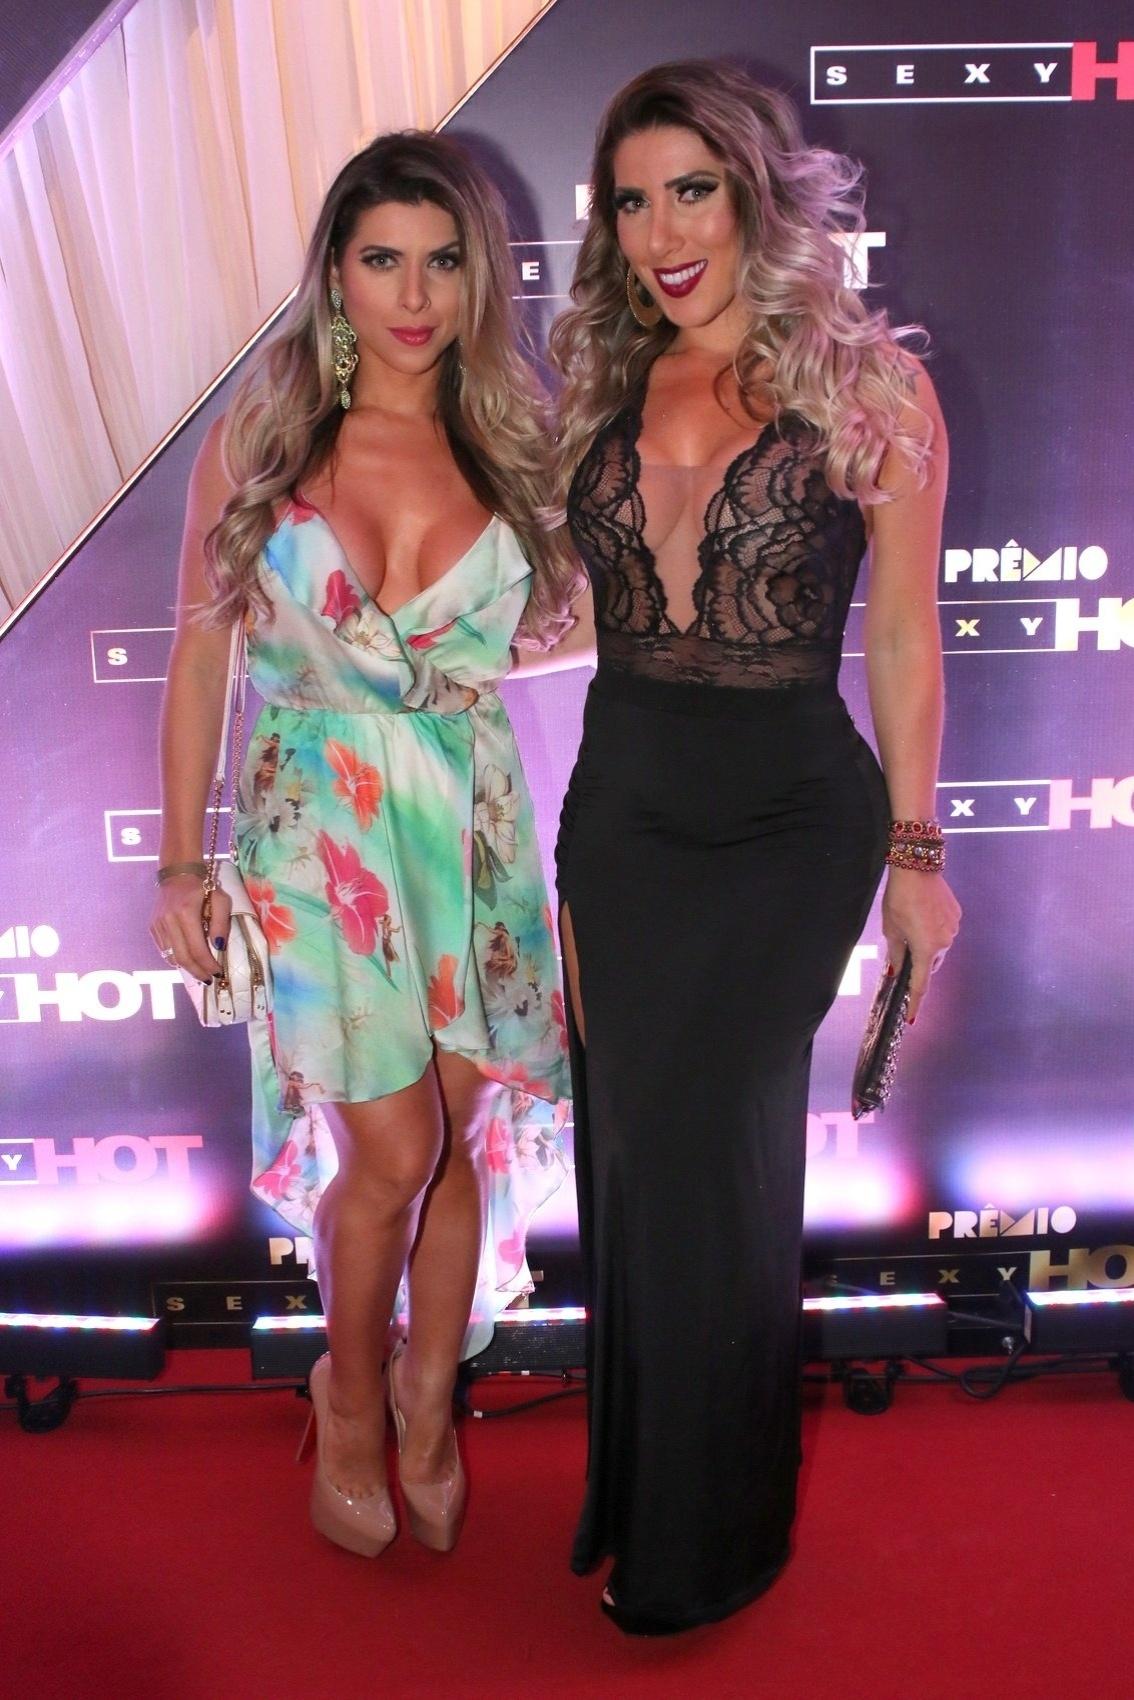 18.ago.2015 - As irmãs Ana Paula e Tati Minerato comparecem à segunda edição do prêmio Sexy Hot, que reconhece as melhores produções eróticas do Brasil, nesta terça-feira na casa de eventos Villa Vérico, em São Paulo